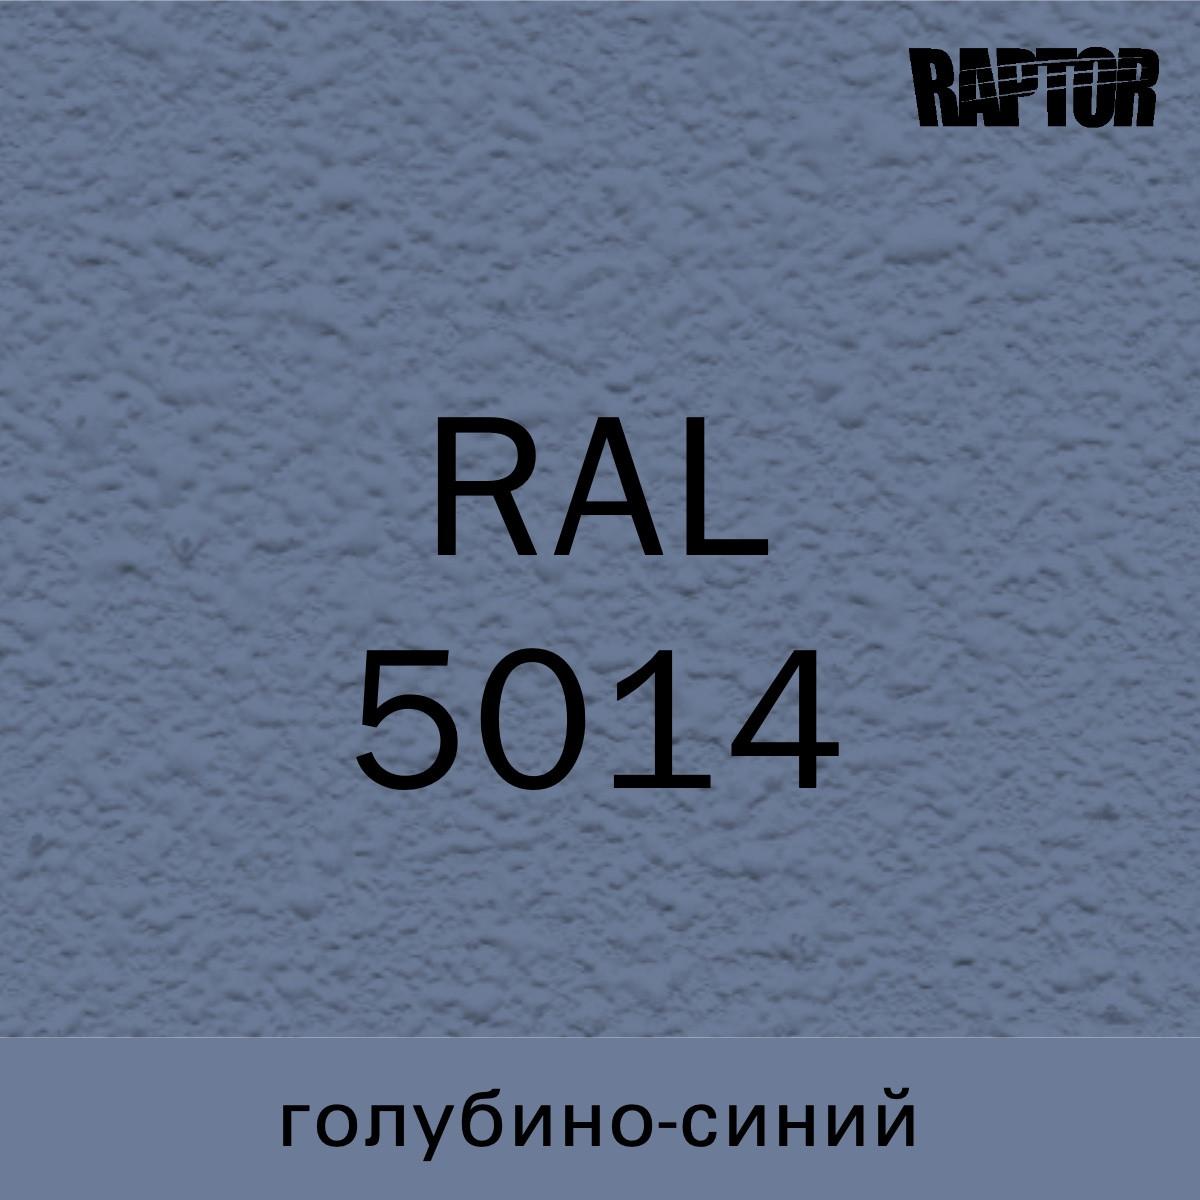 Пигмент для колеровки покрытия RAPTOR™ Голубино-синий (RAL 5014)